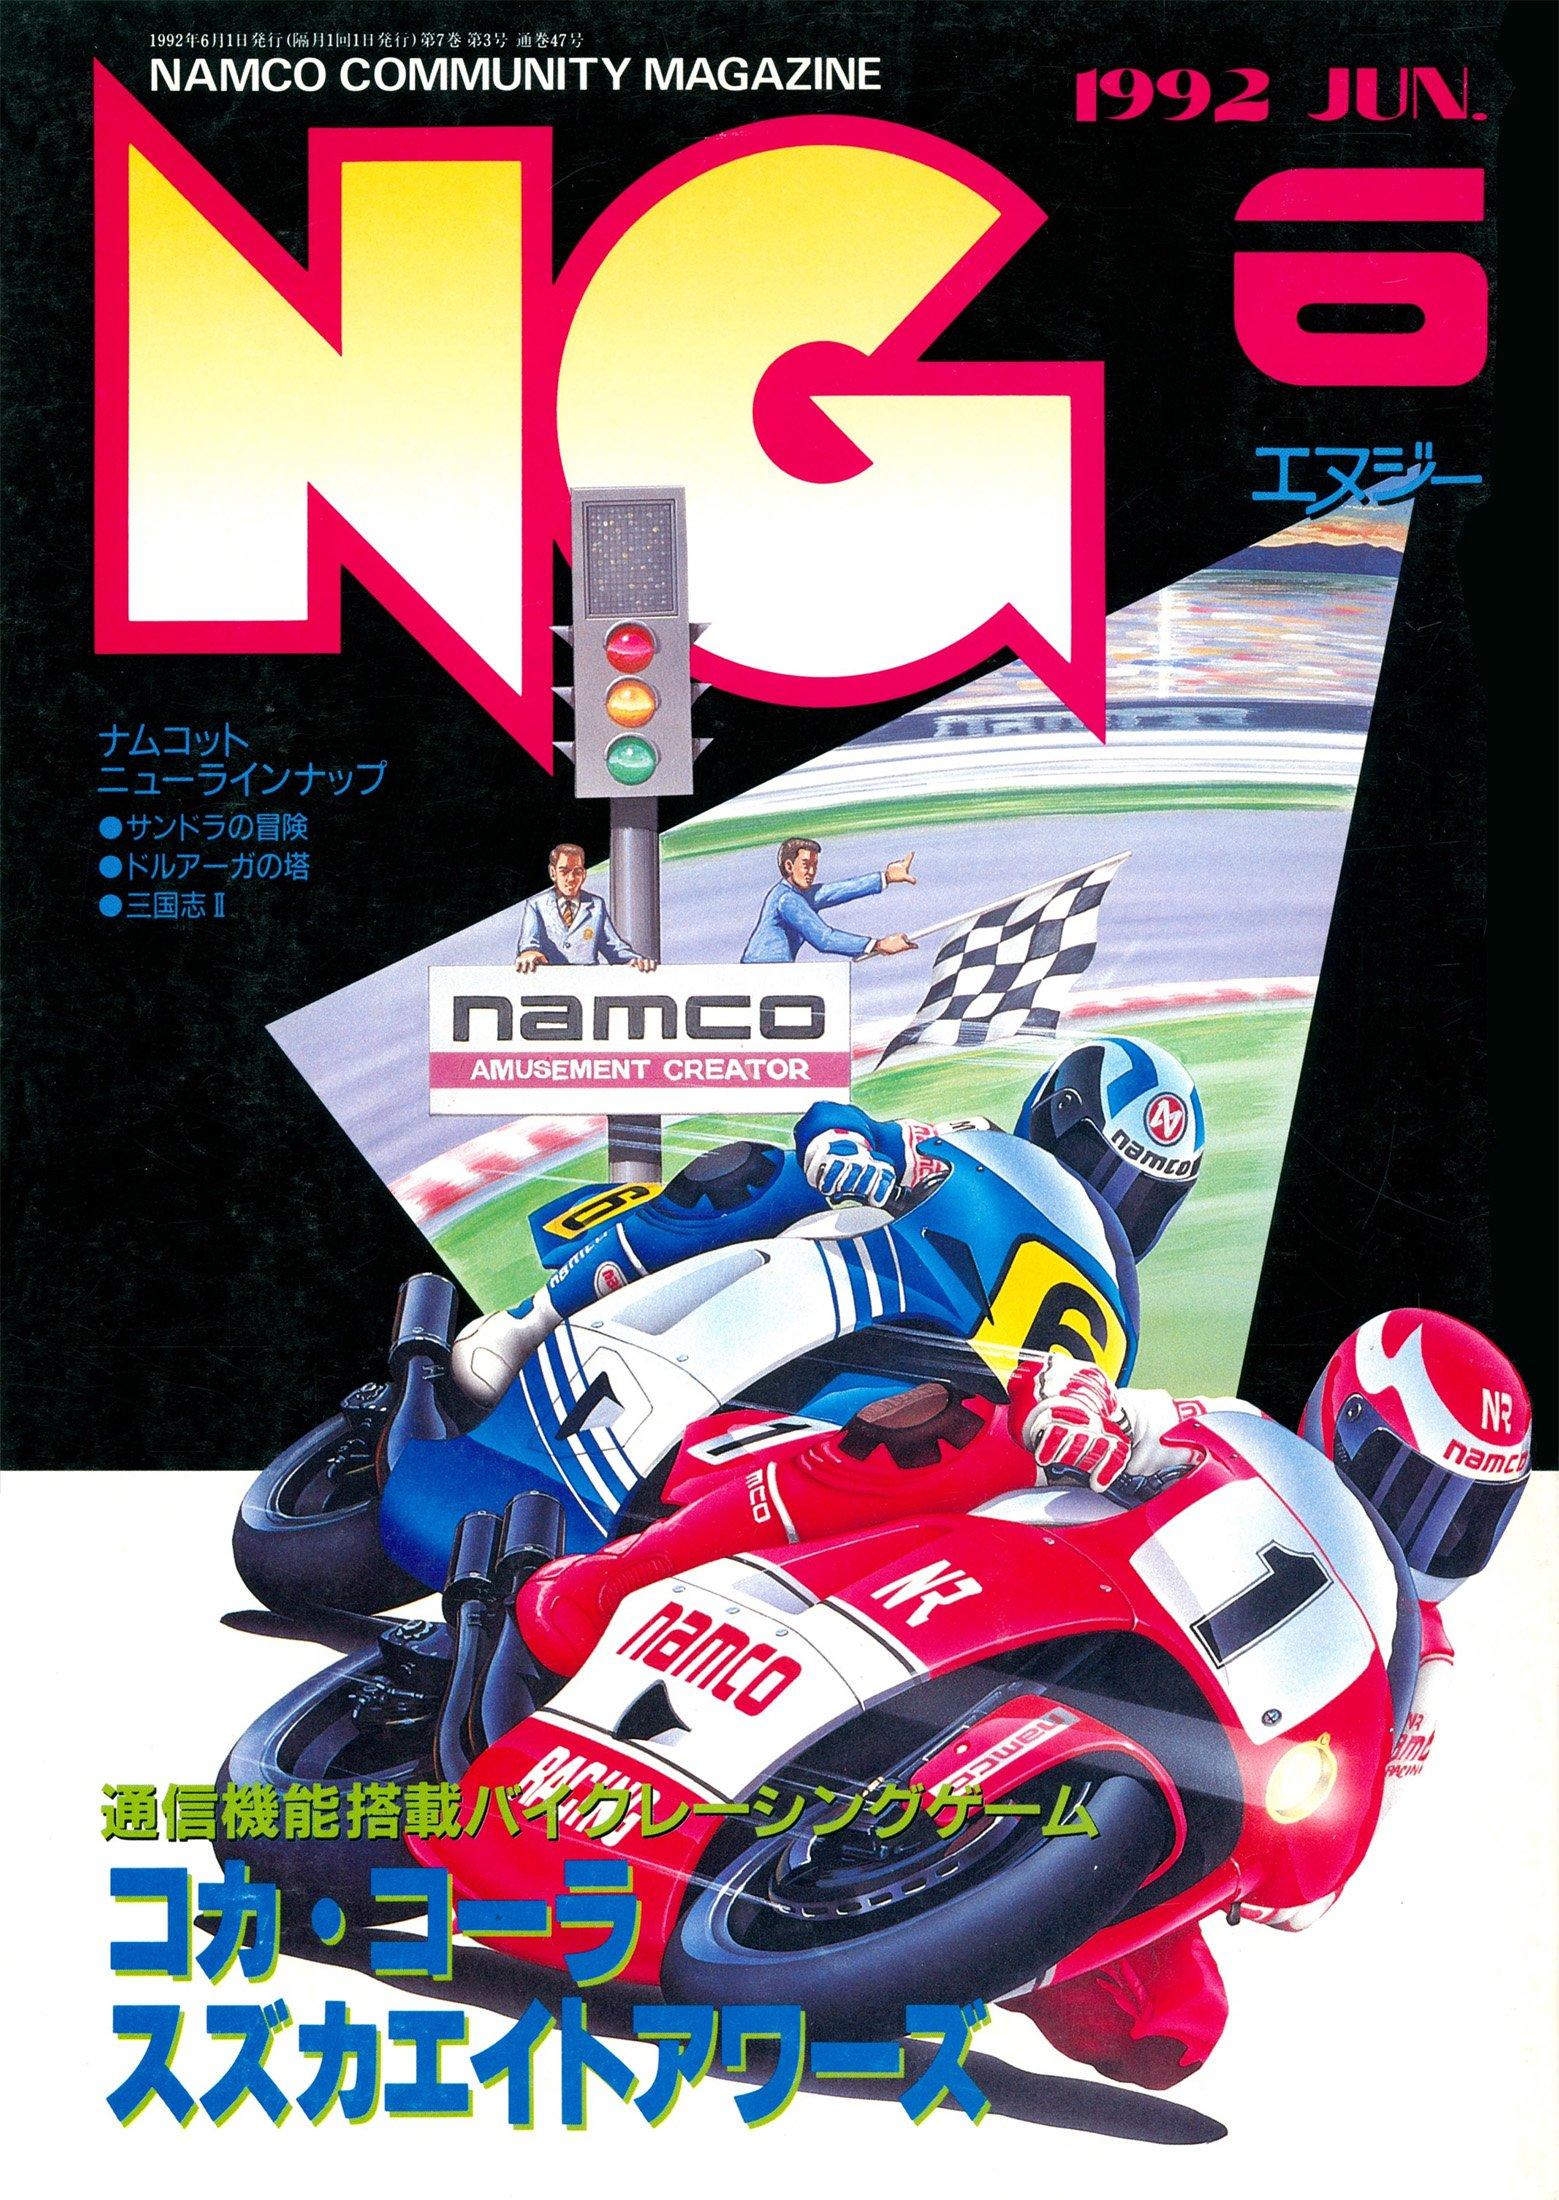 NG Namco Community Magazine Issue 47 (June 1992)